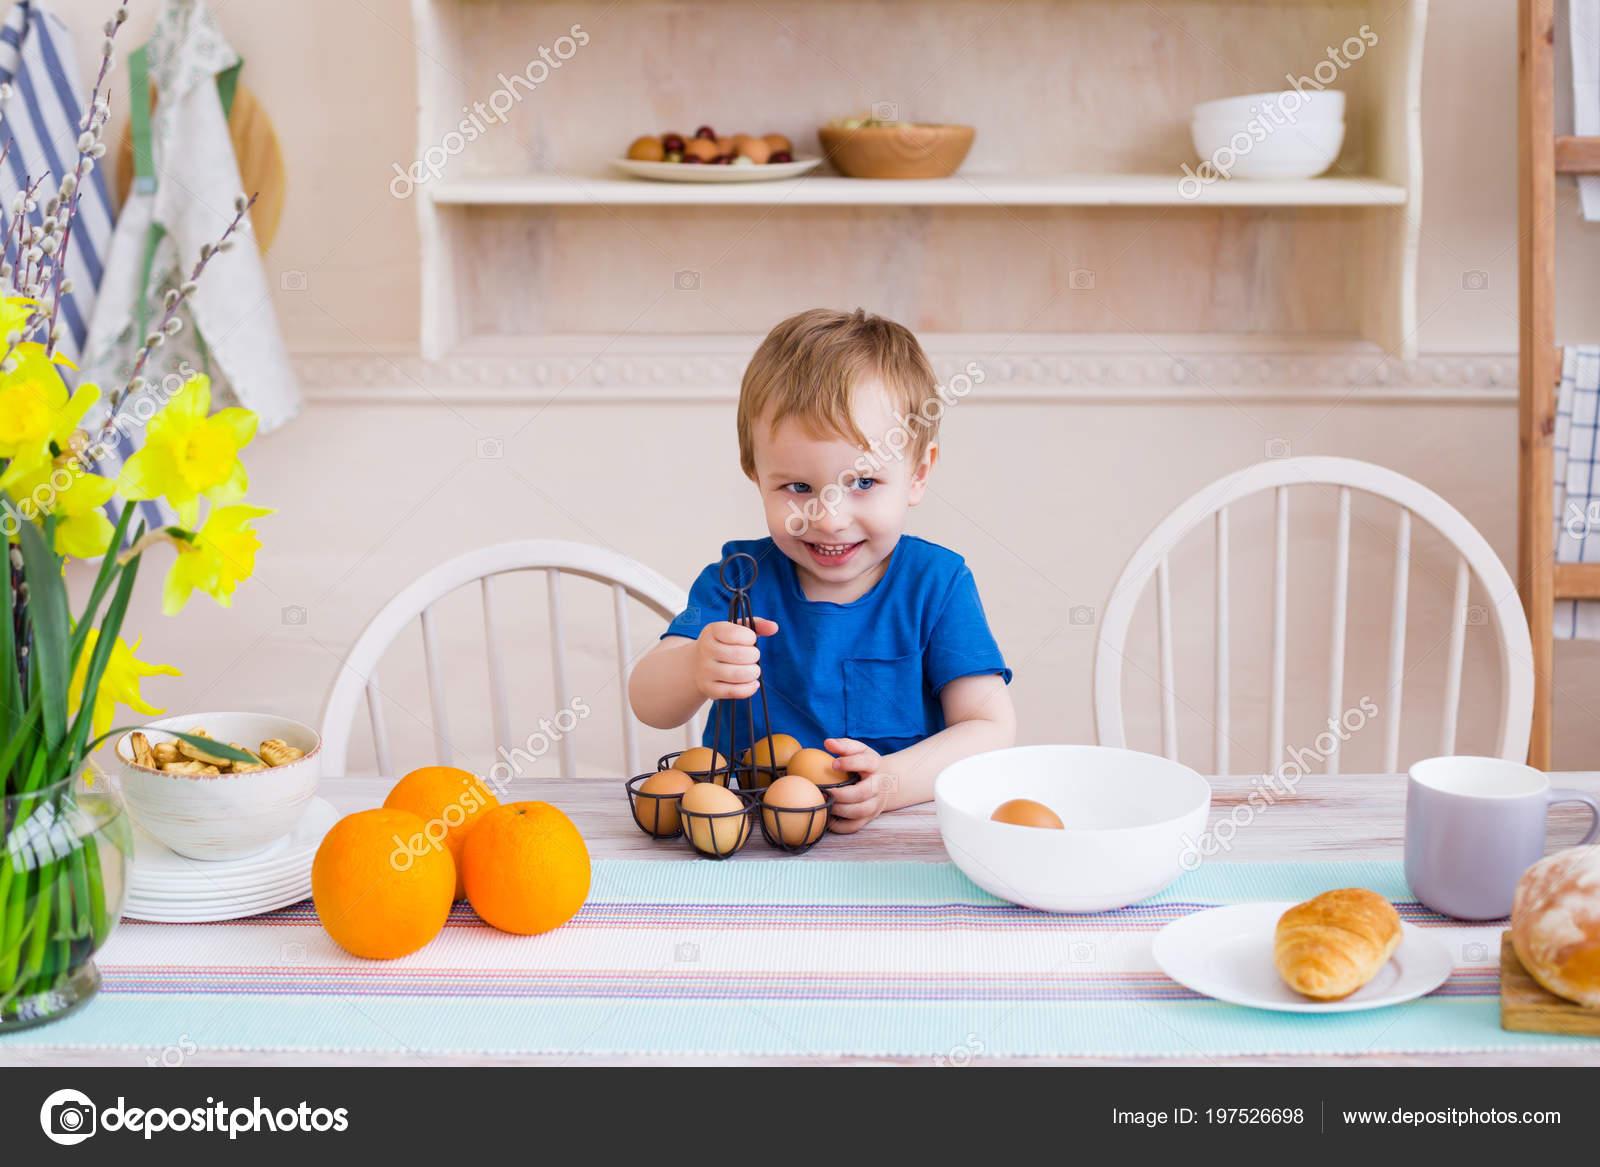 Mały Chłopiec Kuchni Dziecko Bawi Się Jaja Kuchni Nowoczesna